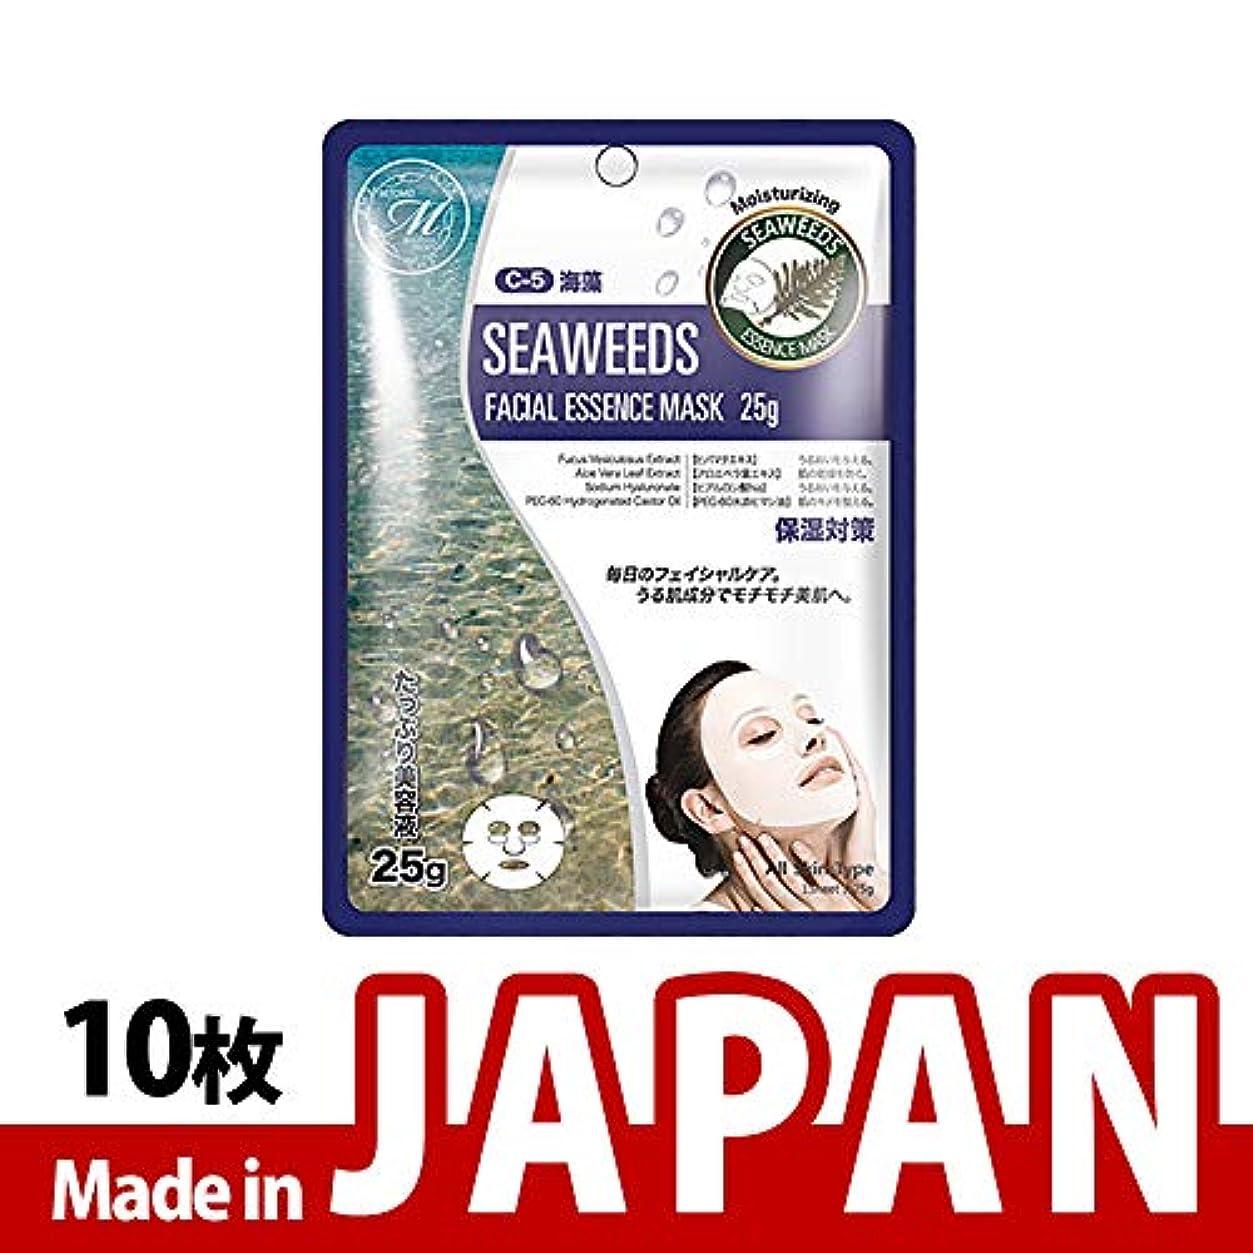 発症信頼性オッズMITOMO【MT512-C-5】日本製海藻 艶やかな肌の維持 シートマスク/10枚入り/10枚/美容液/マスクパック/送料無料